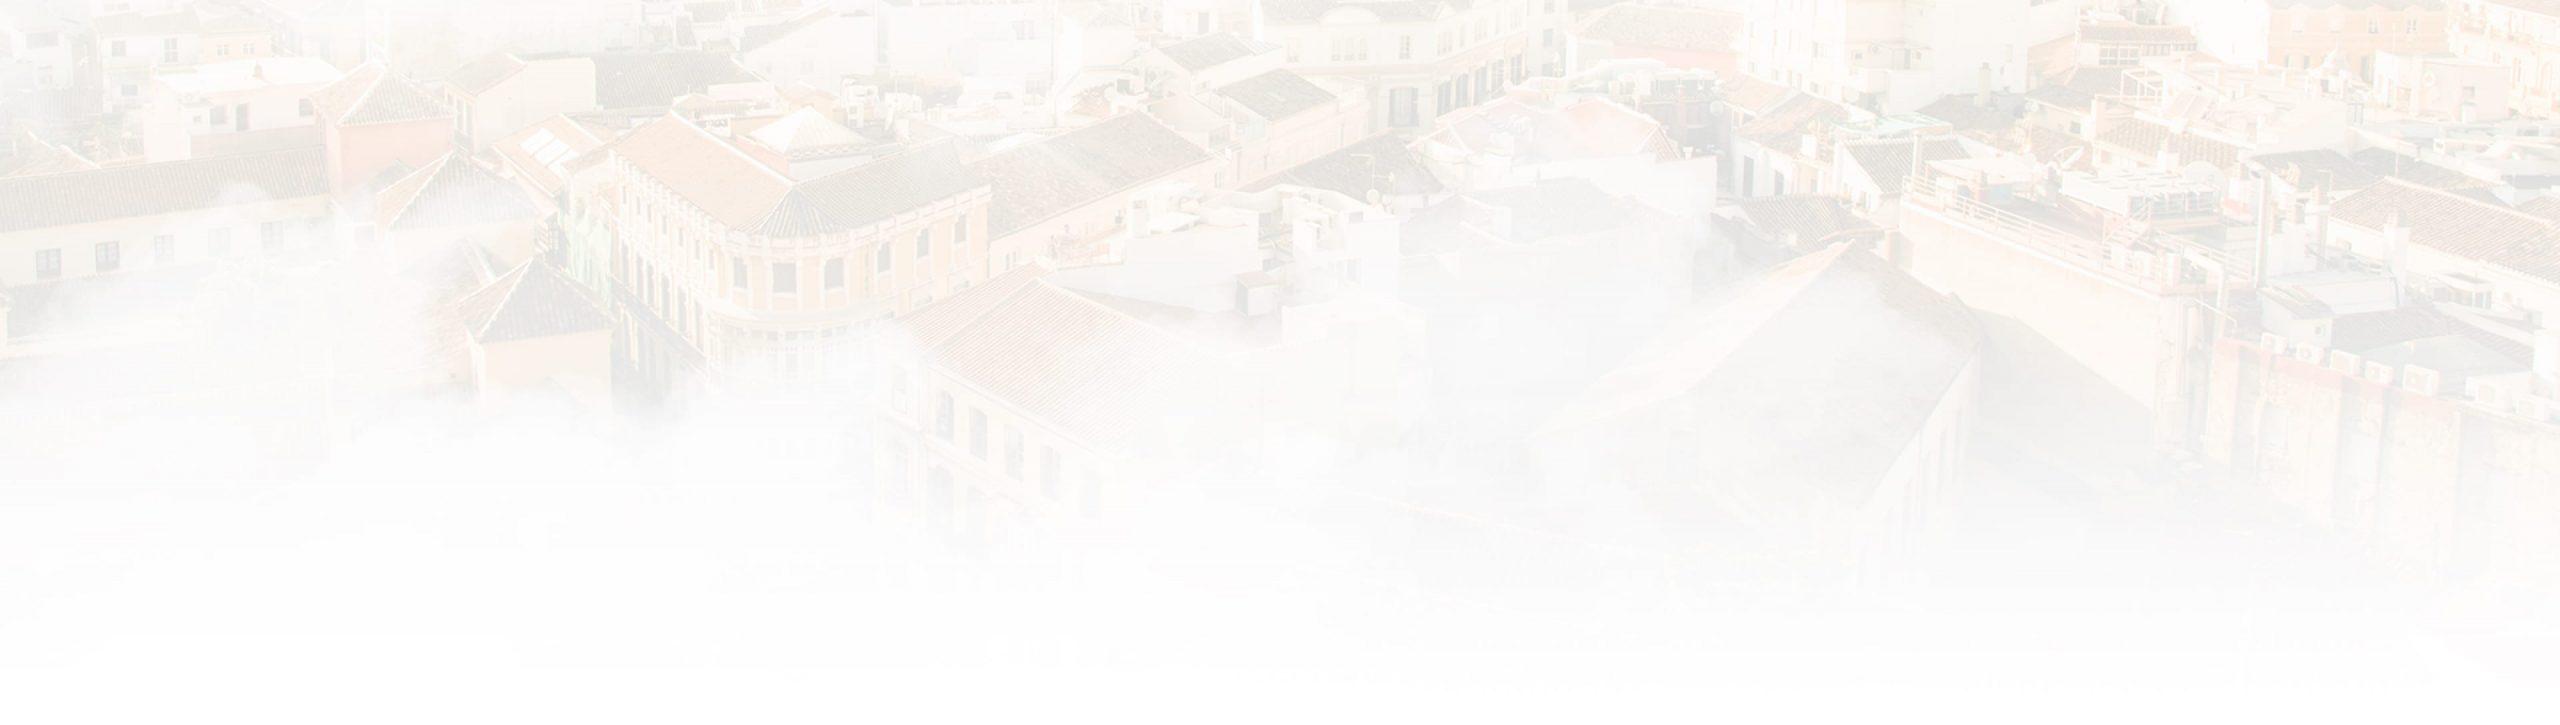 immobilier neuf espagne valencia fondo